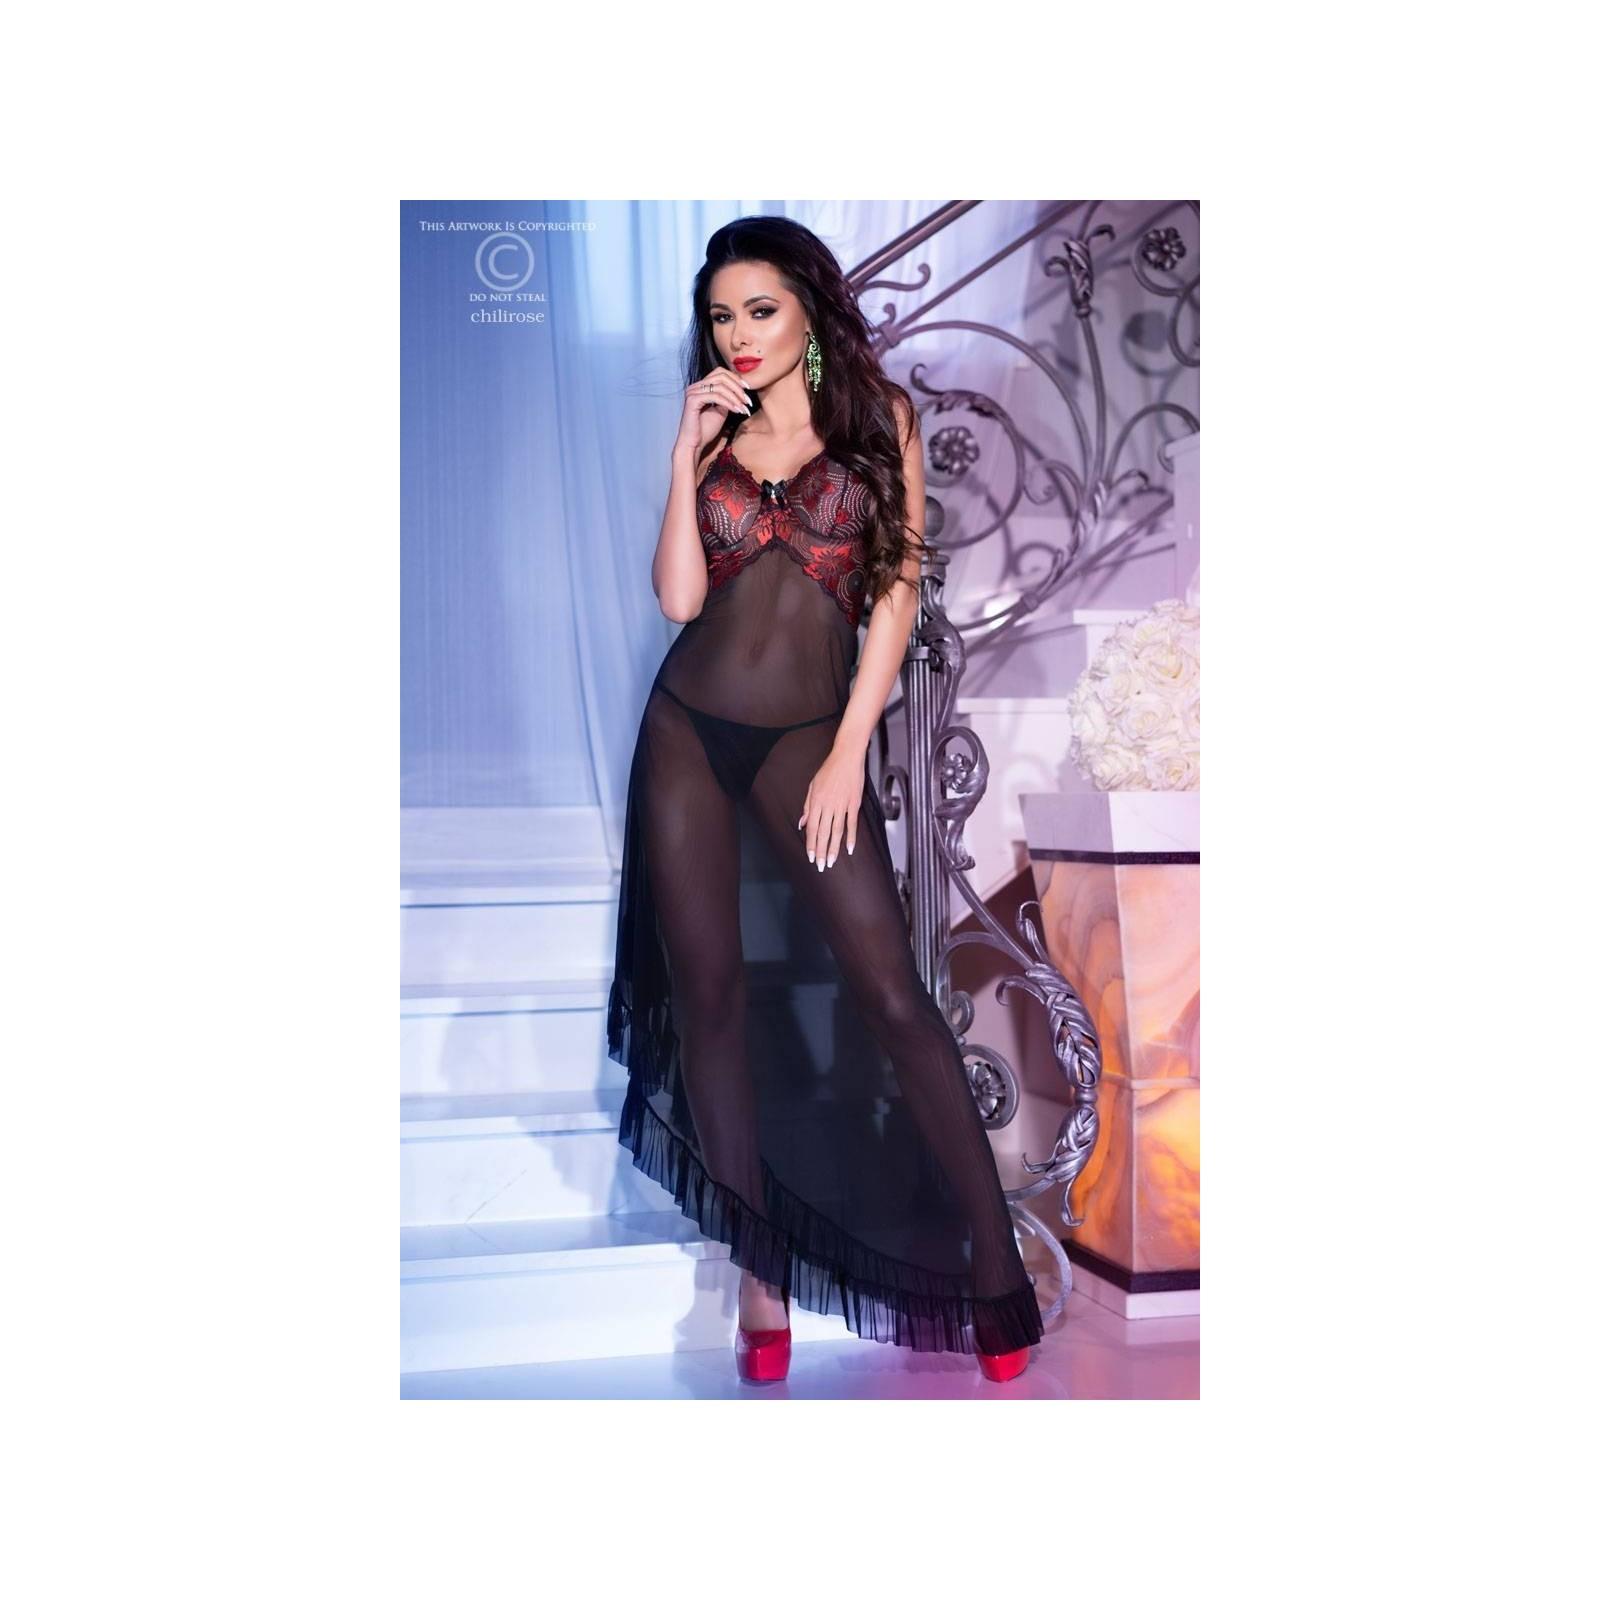 Langes Kleid CR4251 schwarz/rot - 3 - Vorschaubild